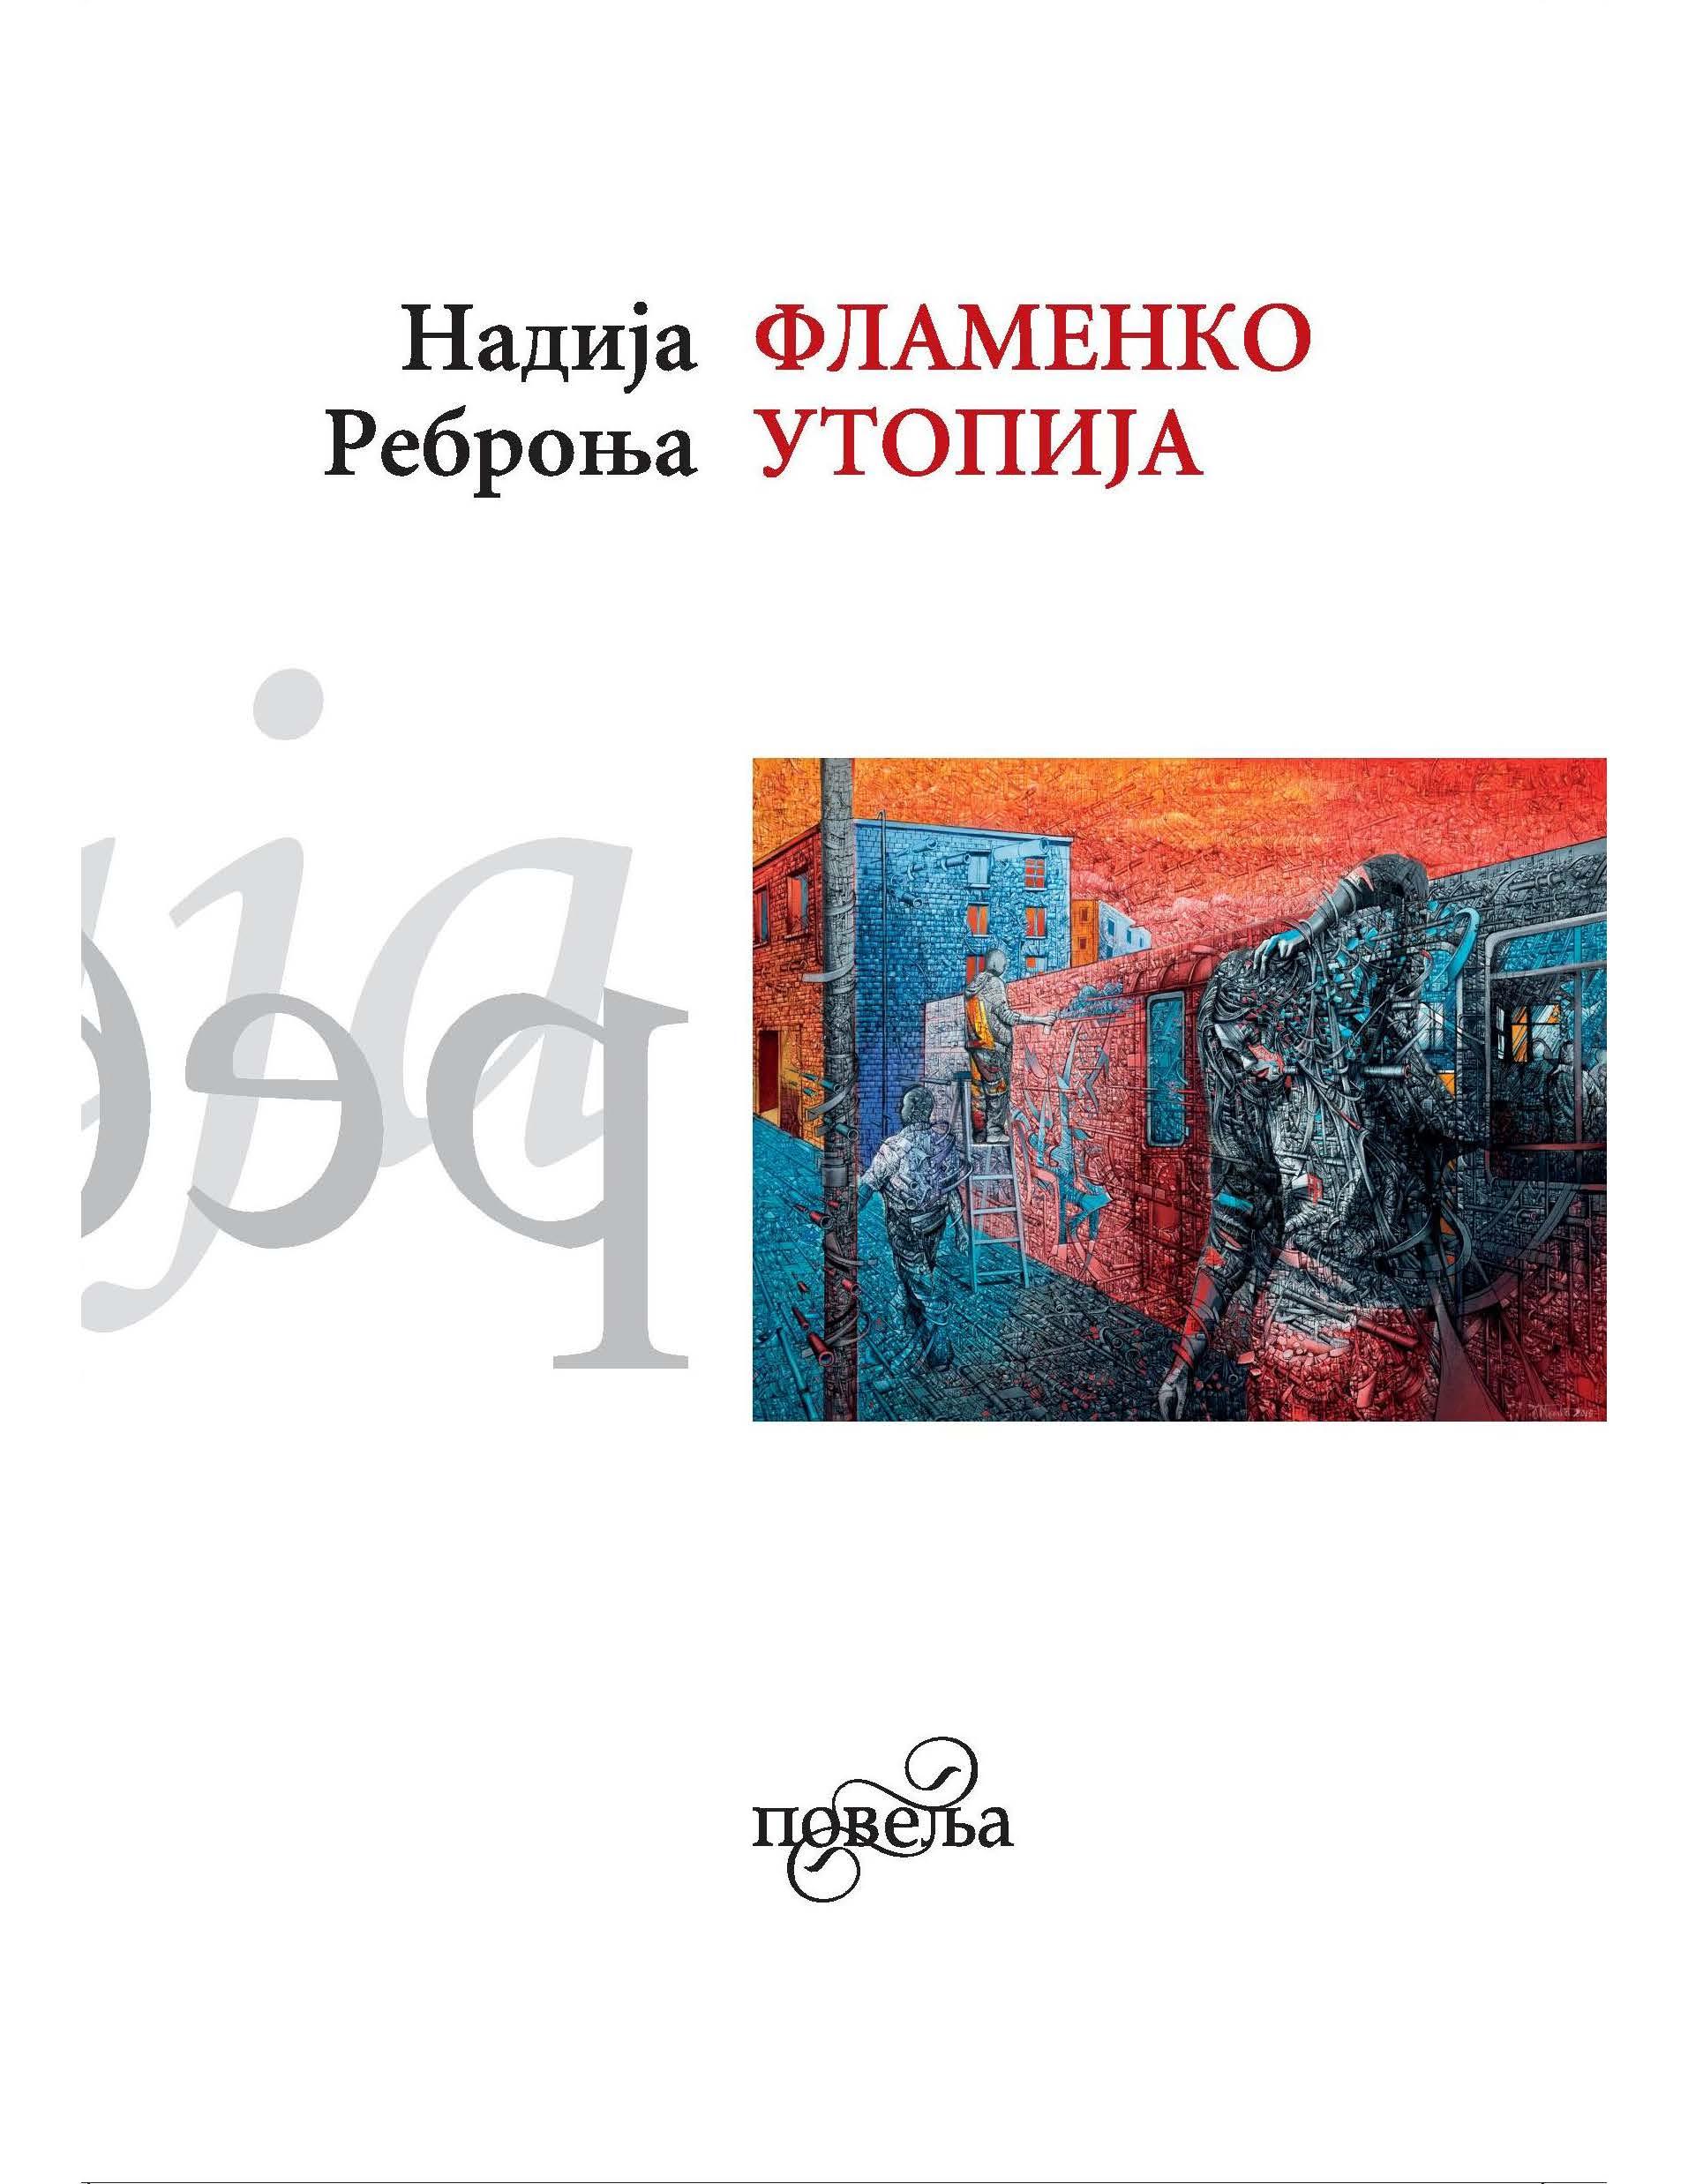 Flamenko utopija